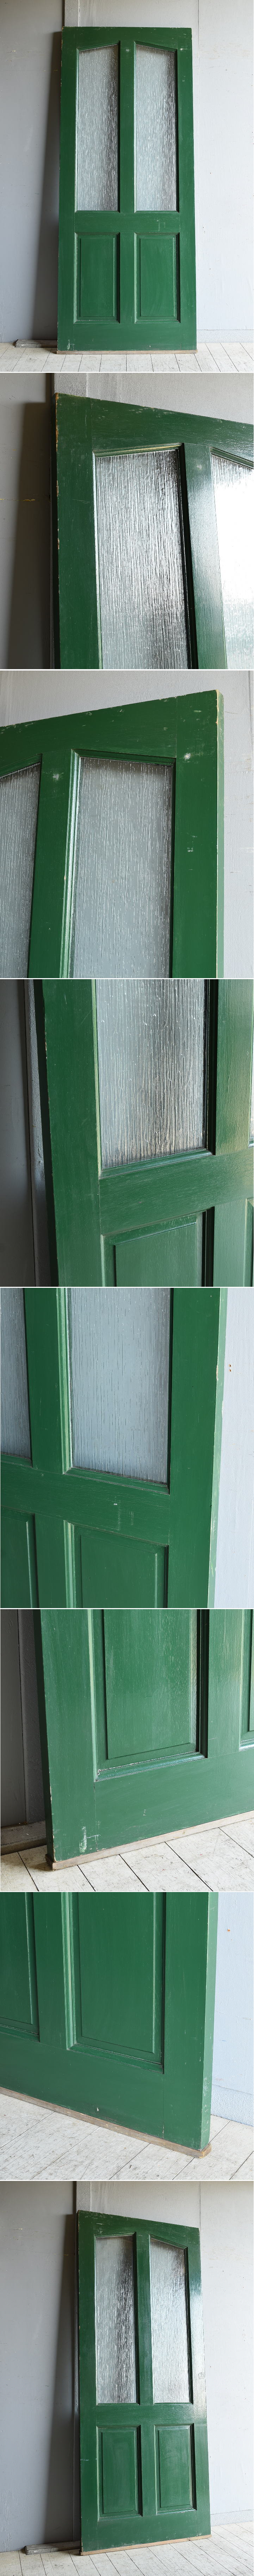 イギリス アンティーク ドア 扉 建具 8443